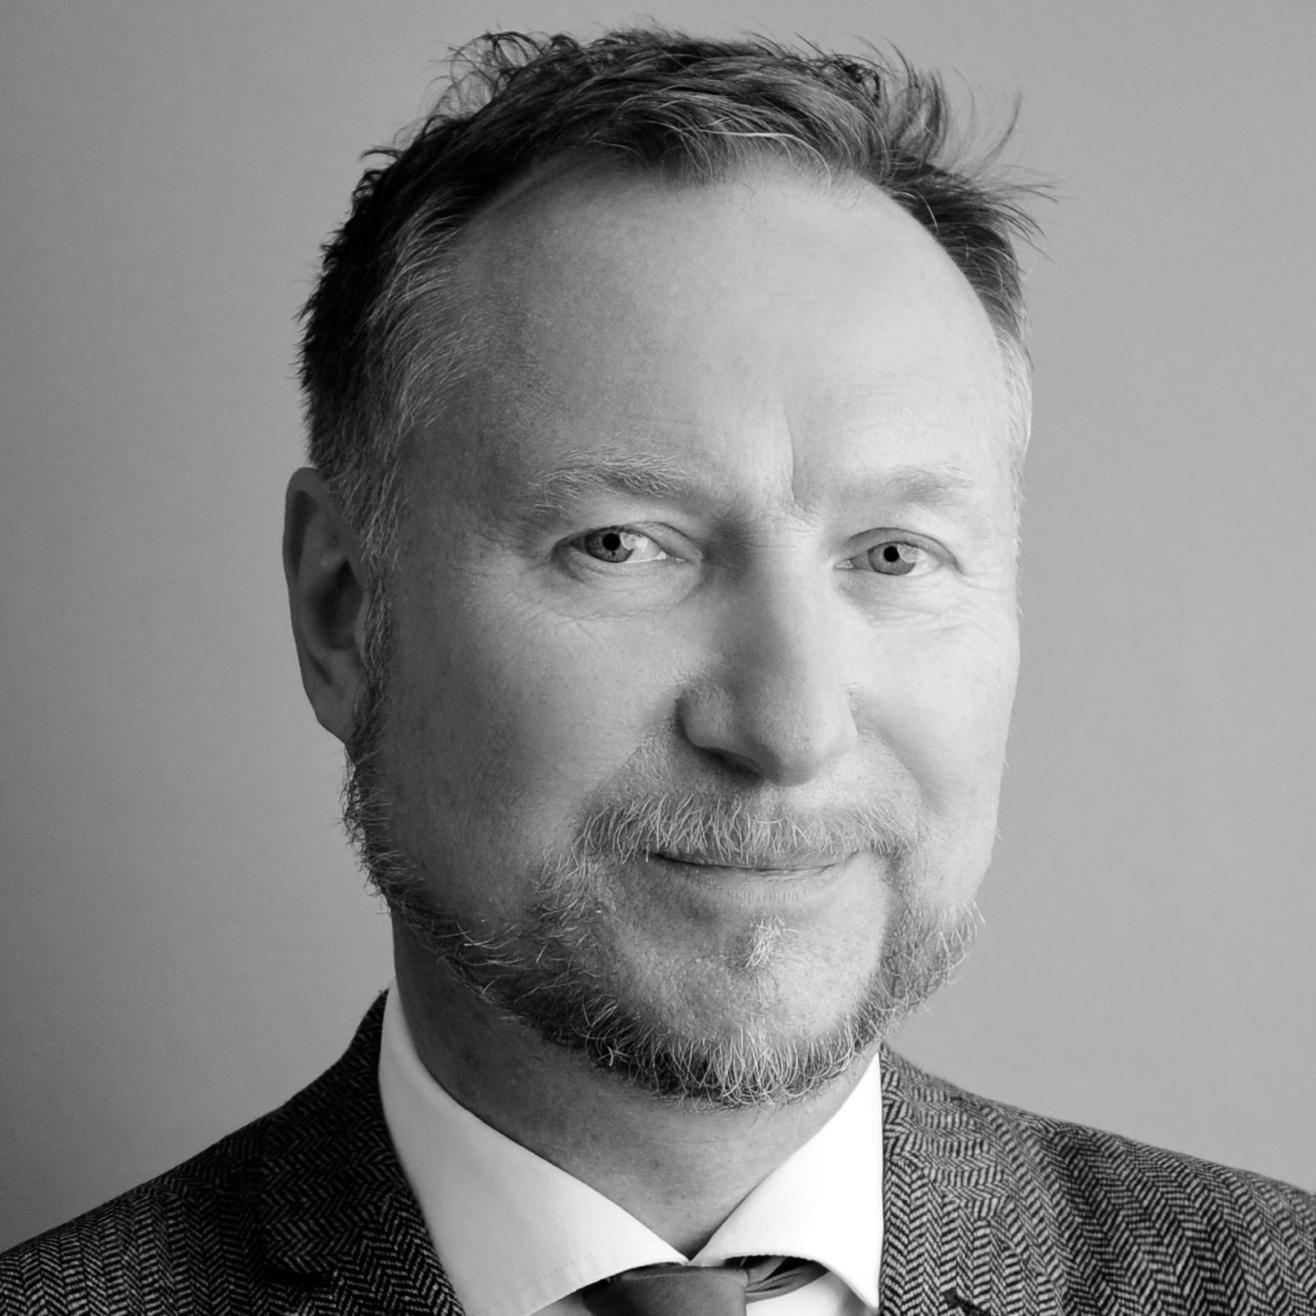 Andreas Nikolaus Börn